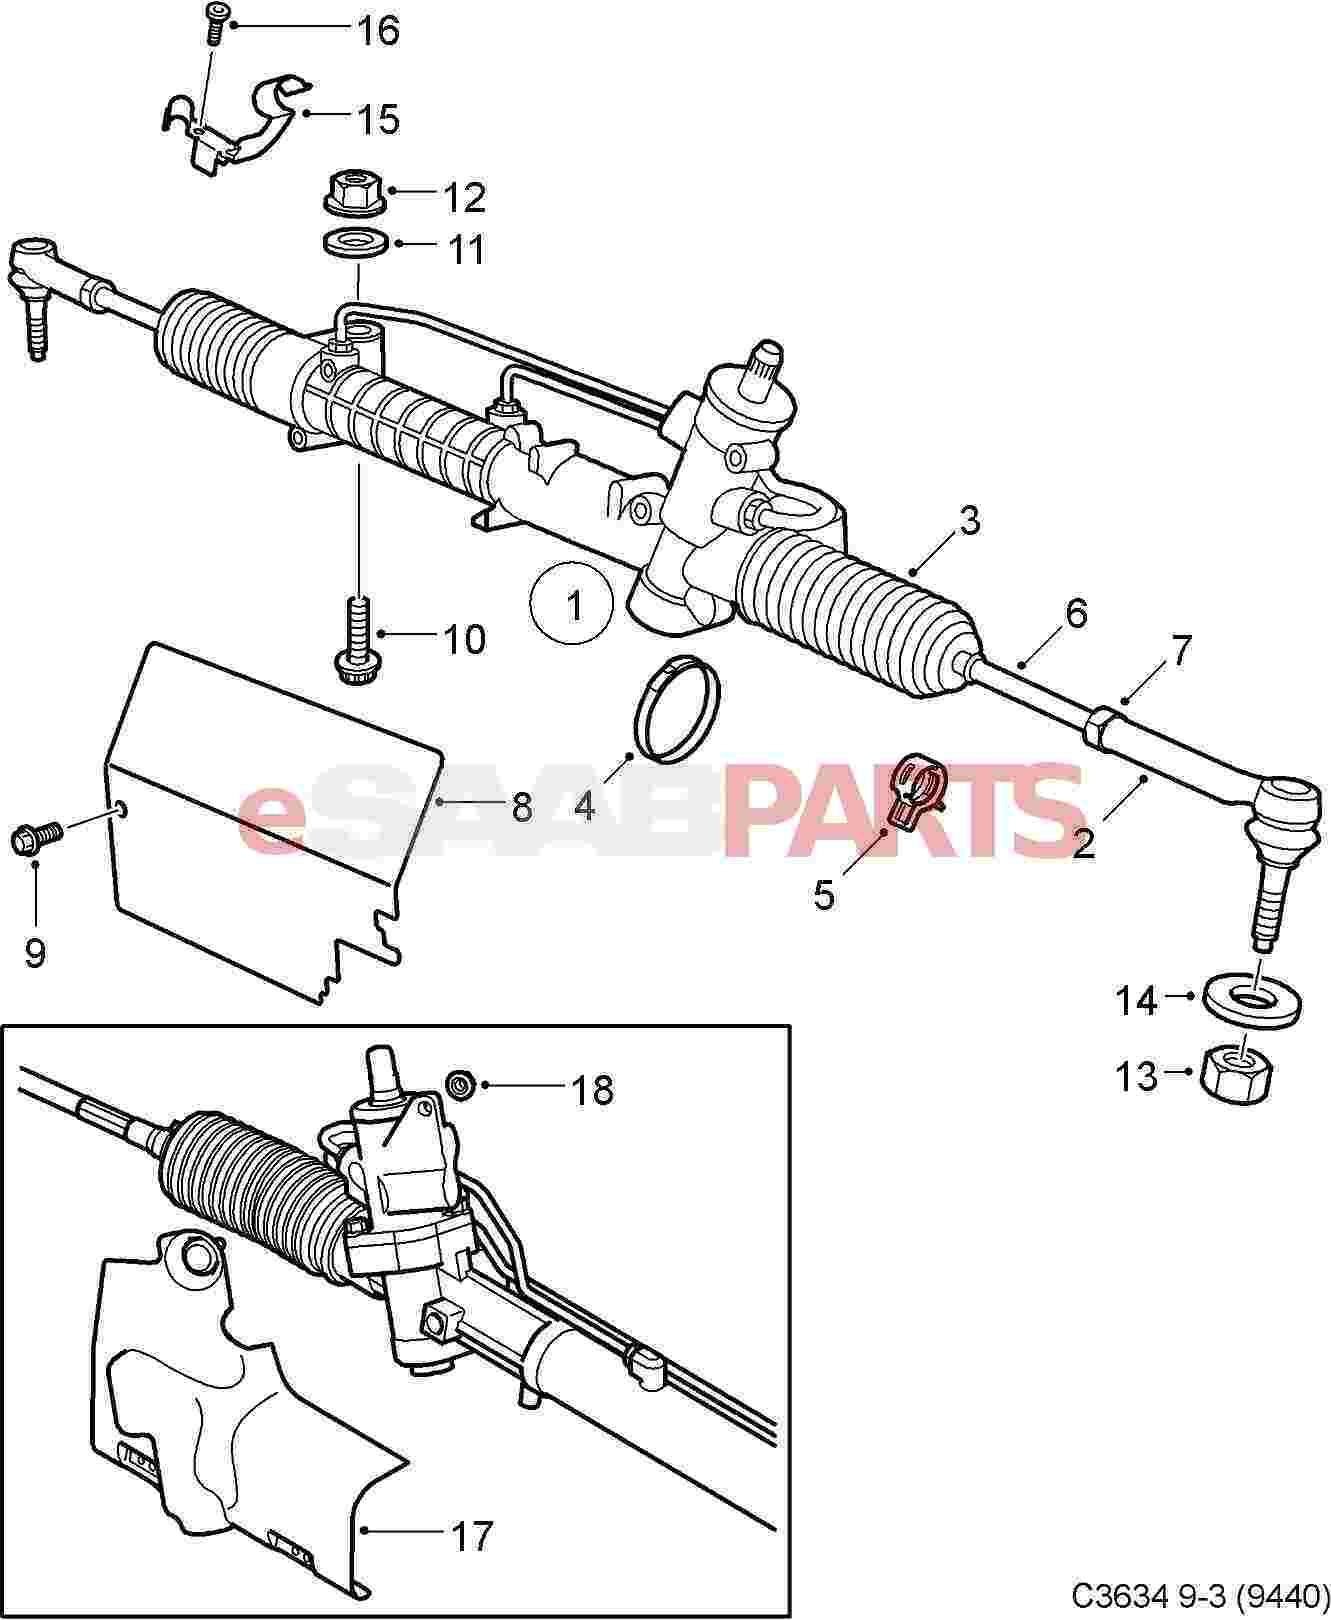 12801423 Saab Tie Rod Repair Kit Fwd B207 Manual Guide